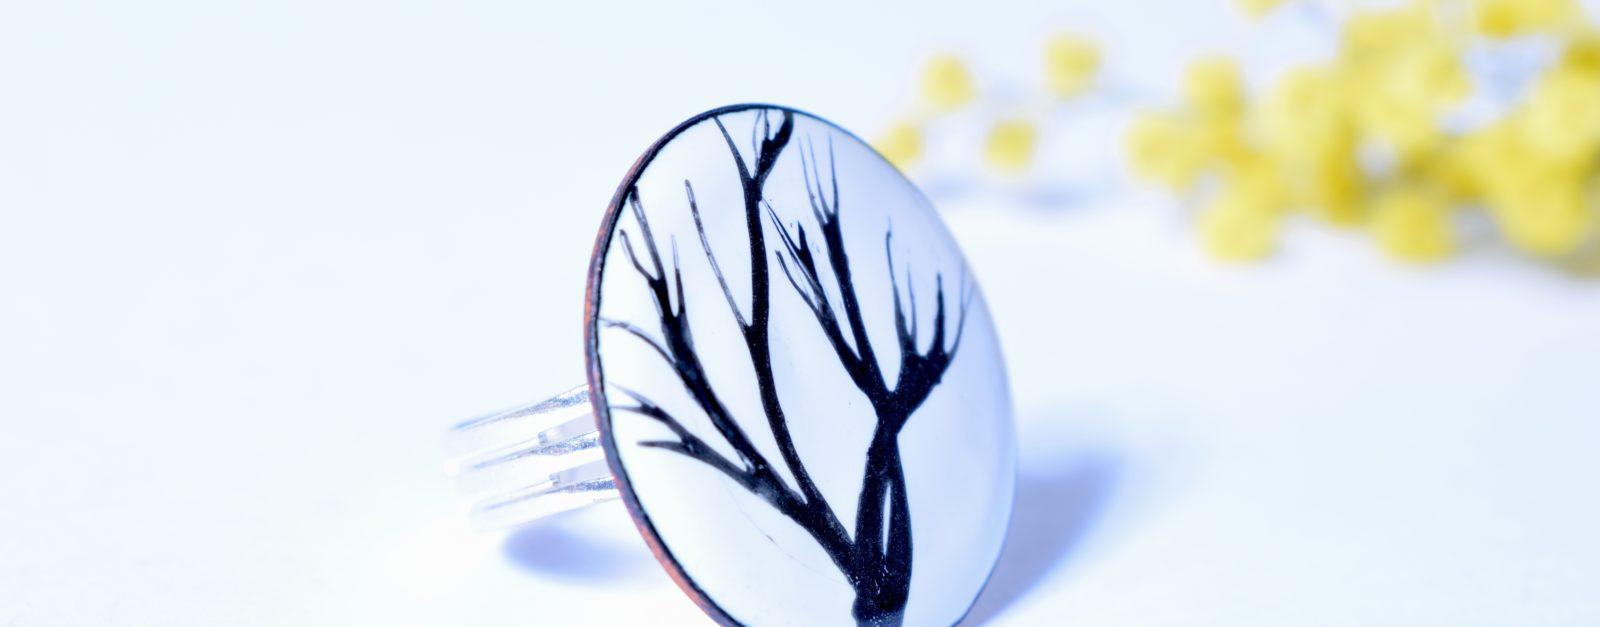 Bague ronde motif arbres et branches noire et blanche Bague motif unique arbre et branchages Faites vous plaisir avec une pièce unique, cette bague vous ravira par ses motifs fins, épurés et originaux.